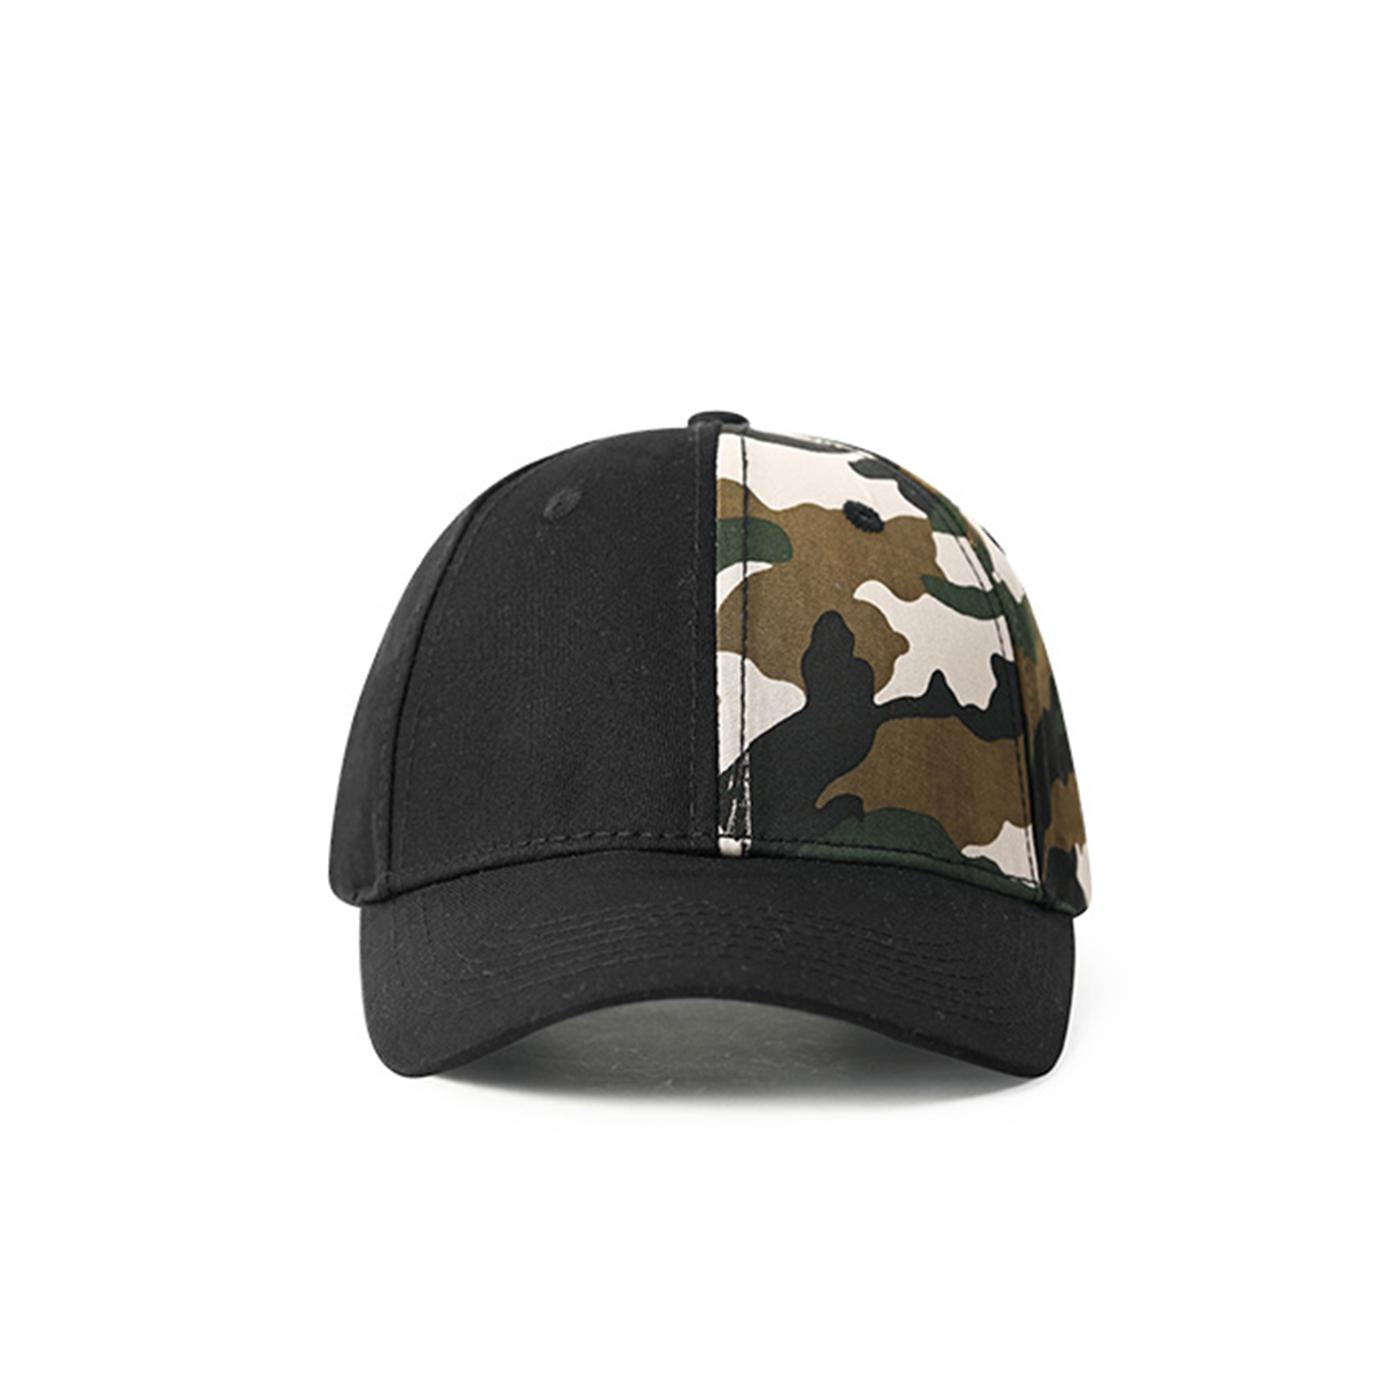 72dfe98a3d5 CUSTOM CAMO AND BLACK BASEBALL CAP · soldrelax · Online Store ...